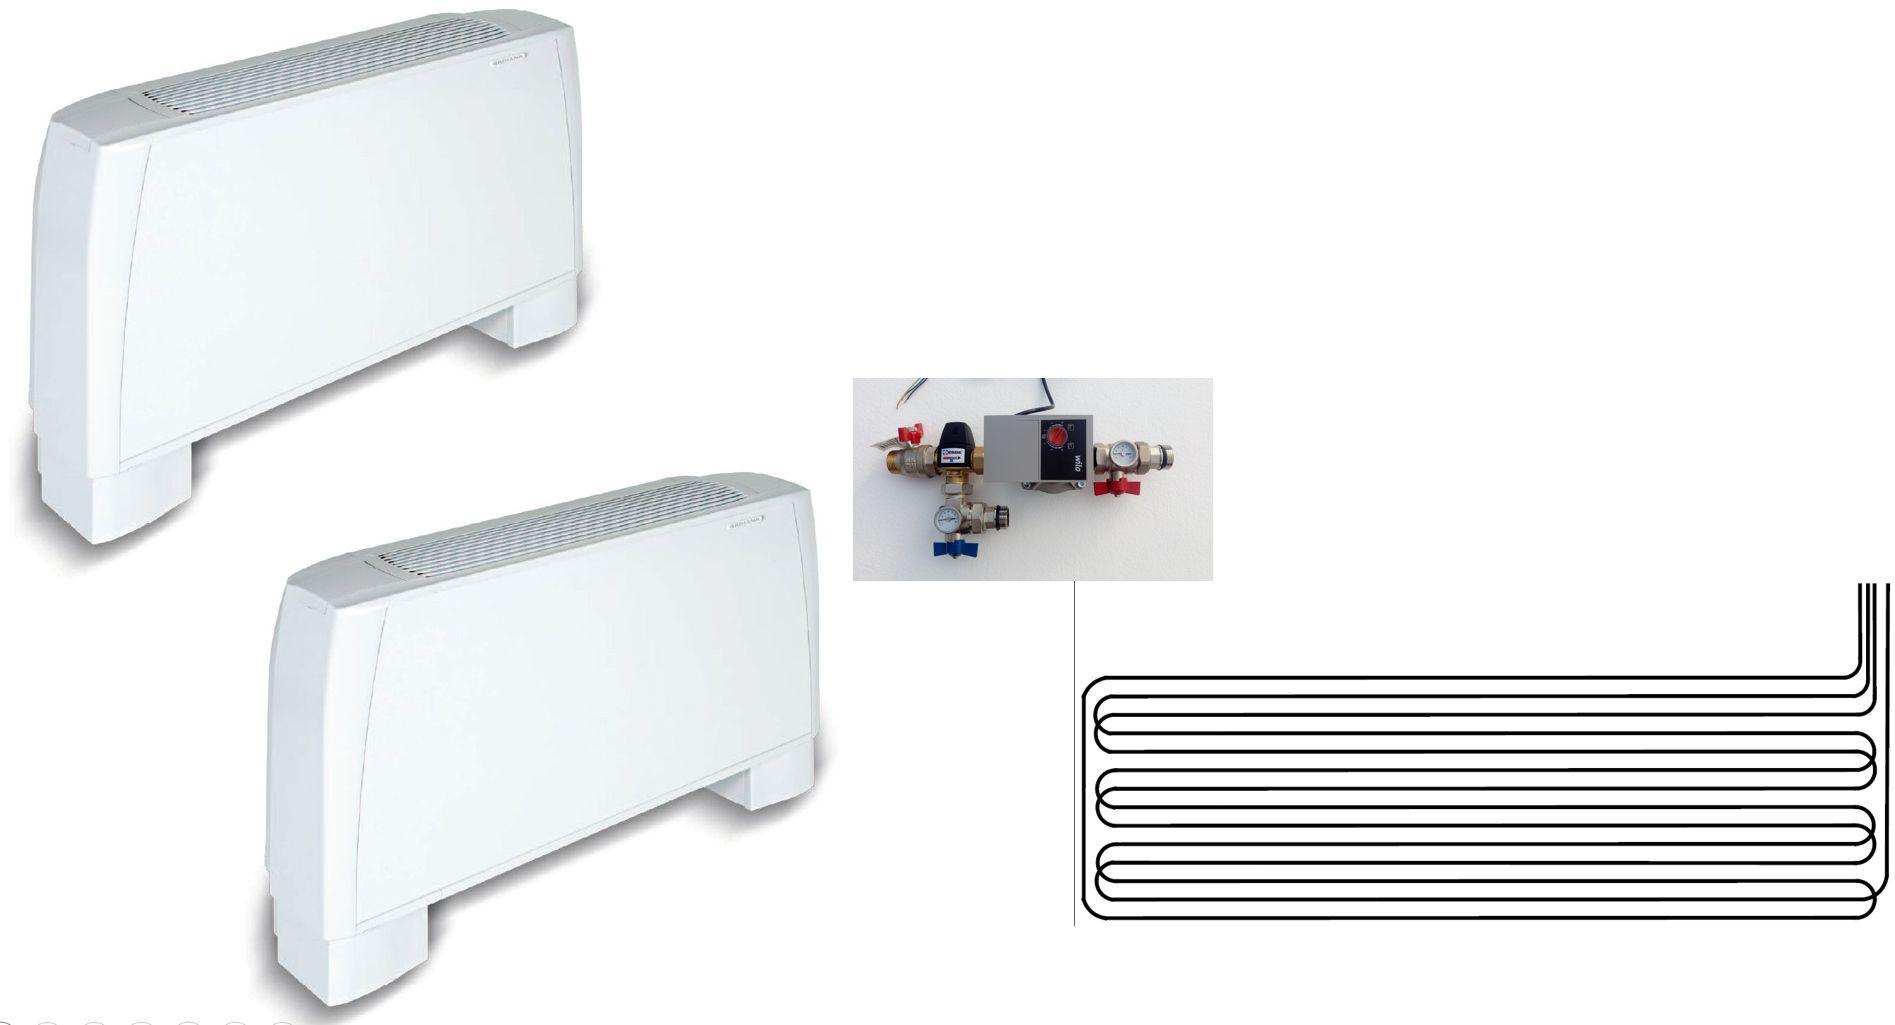 Climatisation pour combles 2 pièces - radiateur réversible - géocooling